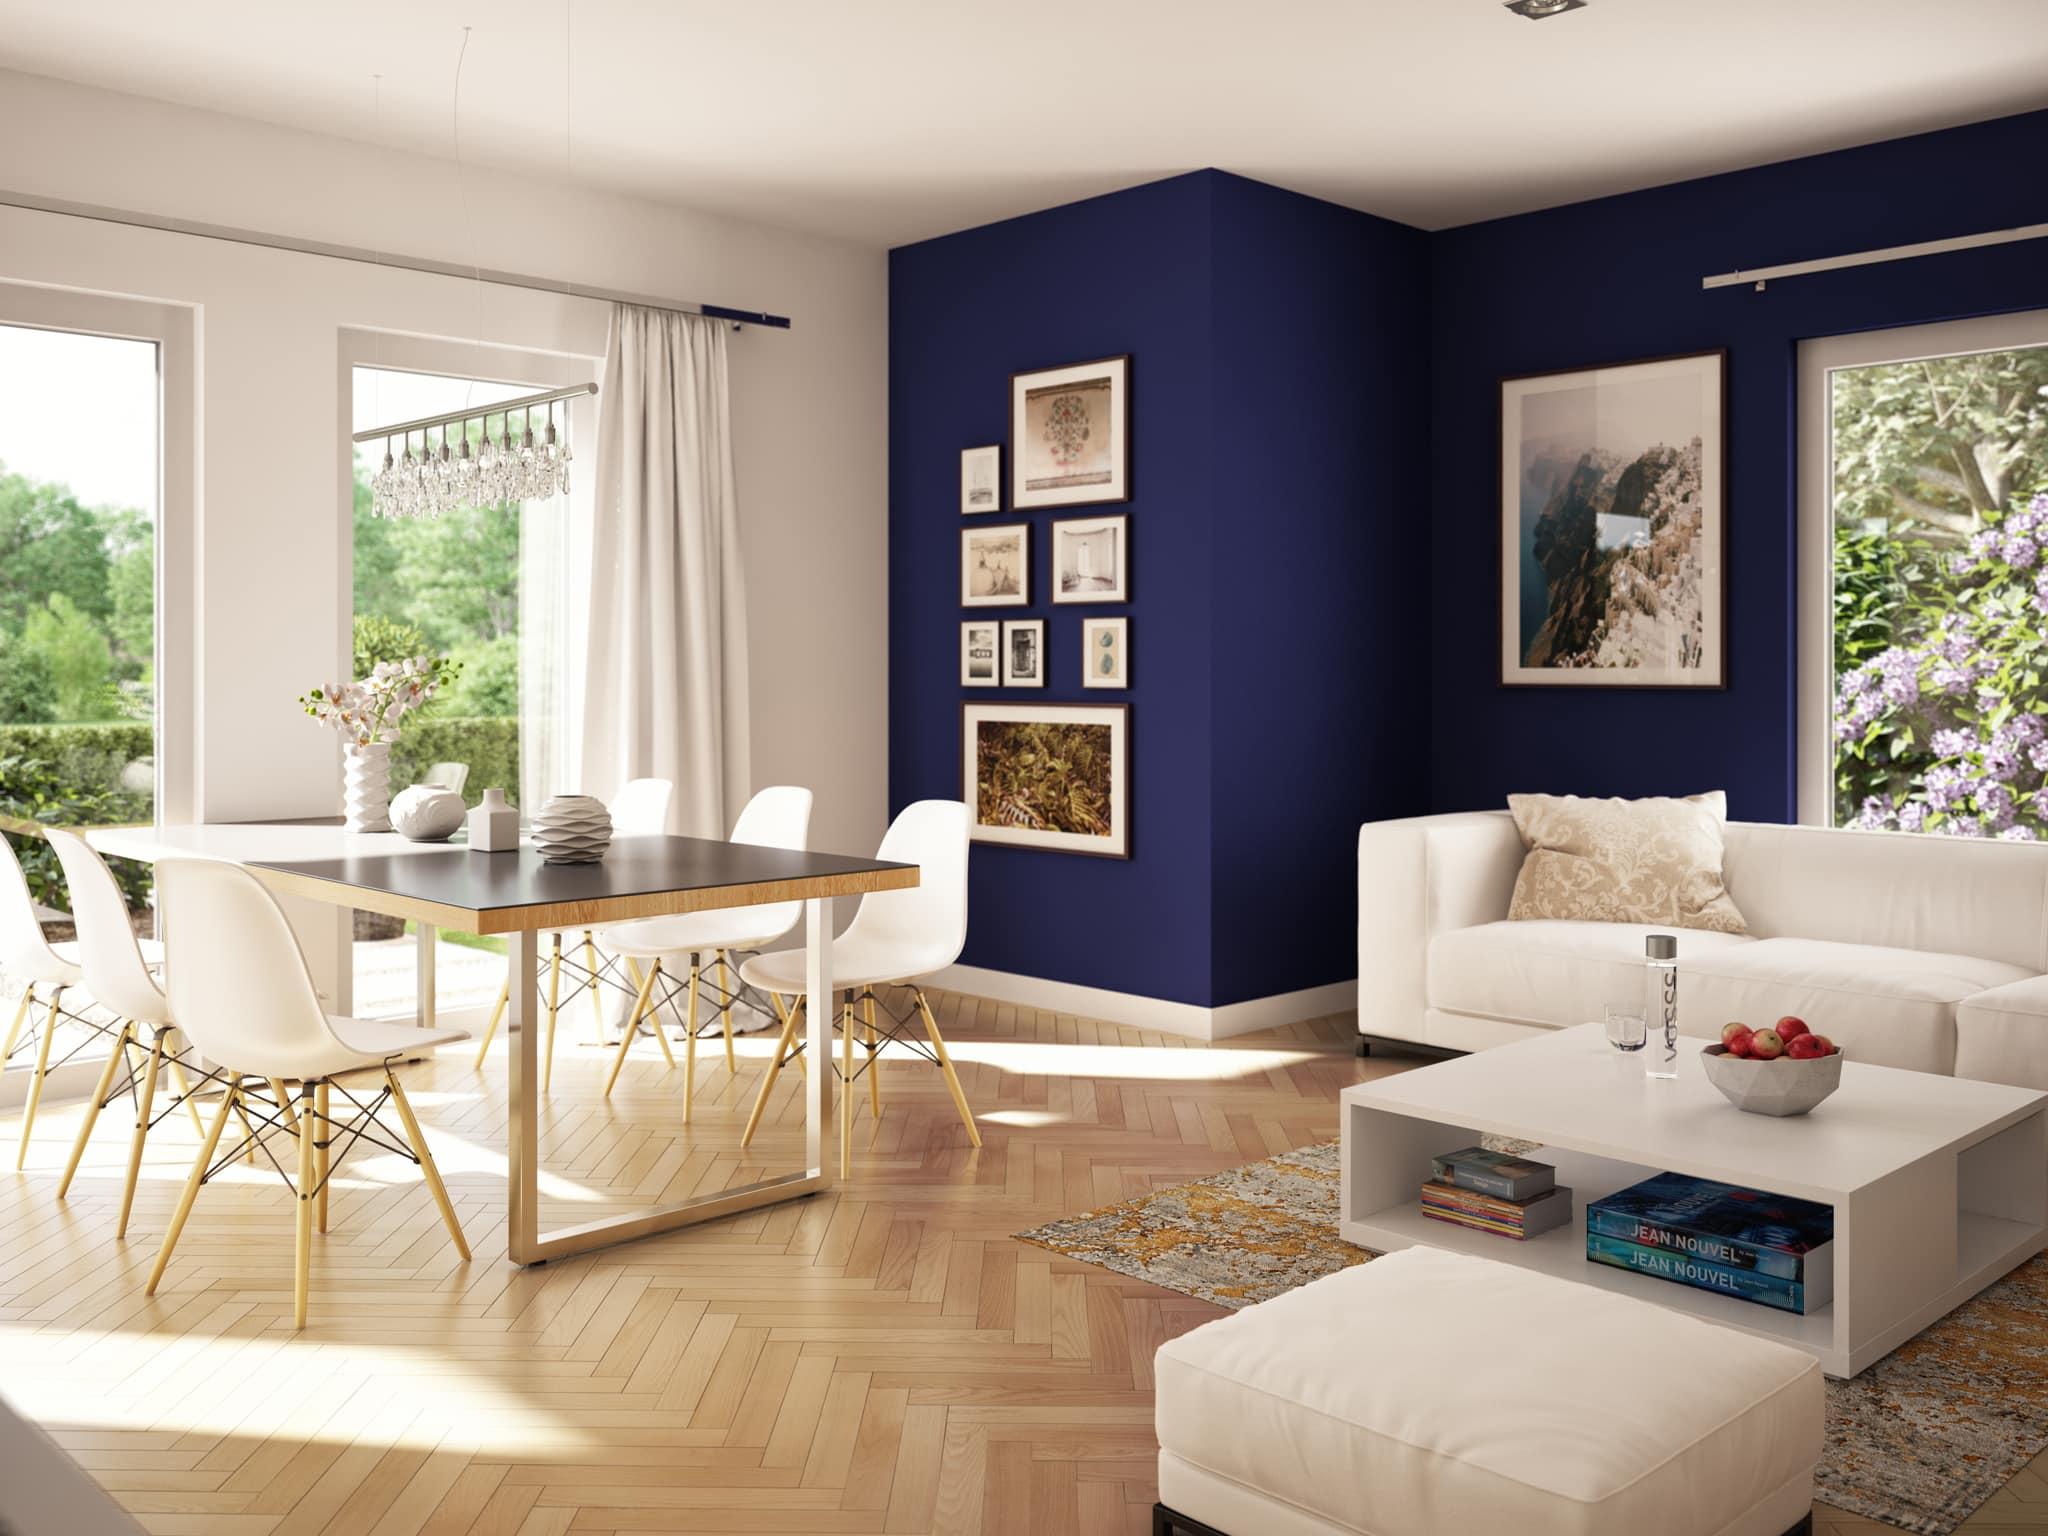 Wohnzimmer Ideen - Einfamilienhaus Inneneinrichtung Fertighaus Living Haus SUNSHINE 136 V2 - HausbauDirekt.de